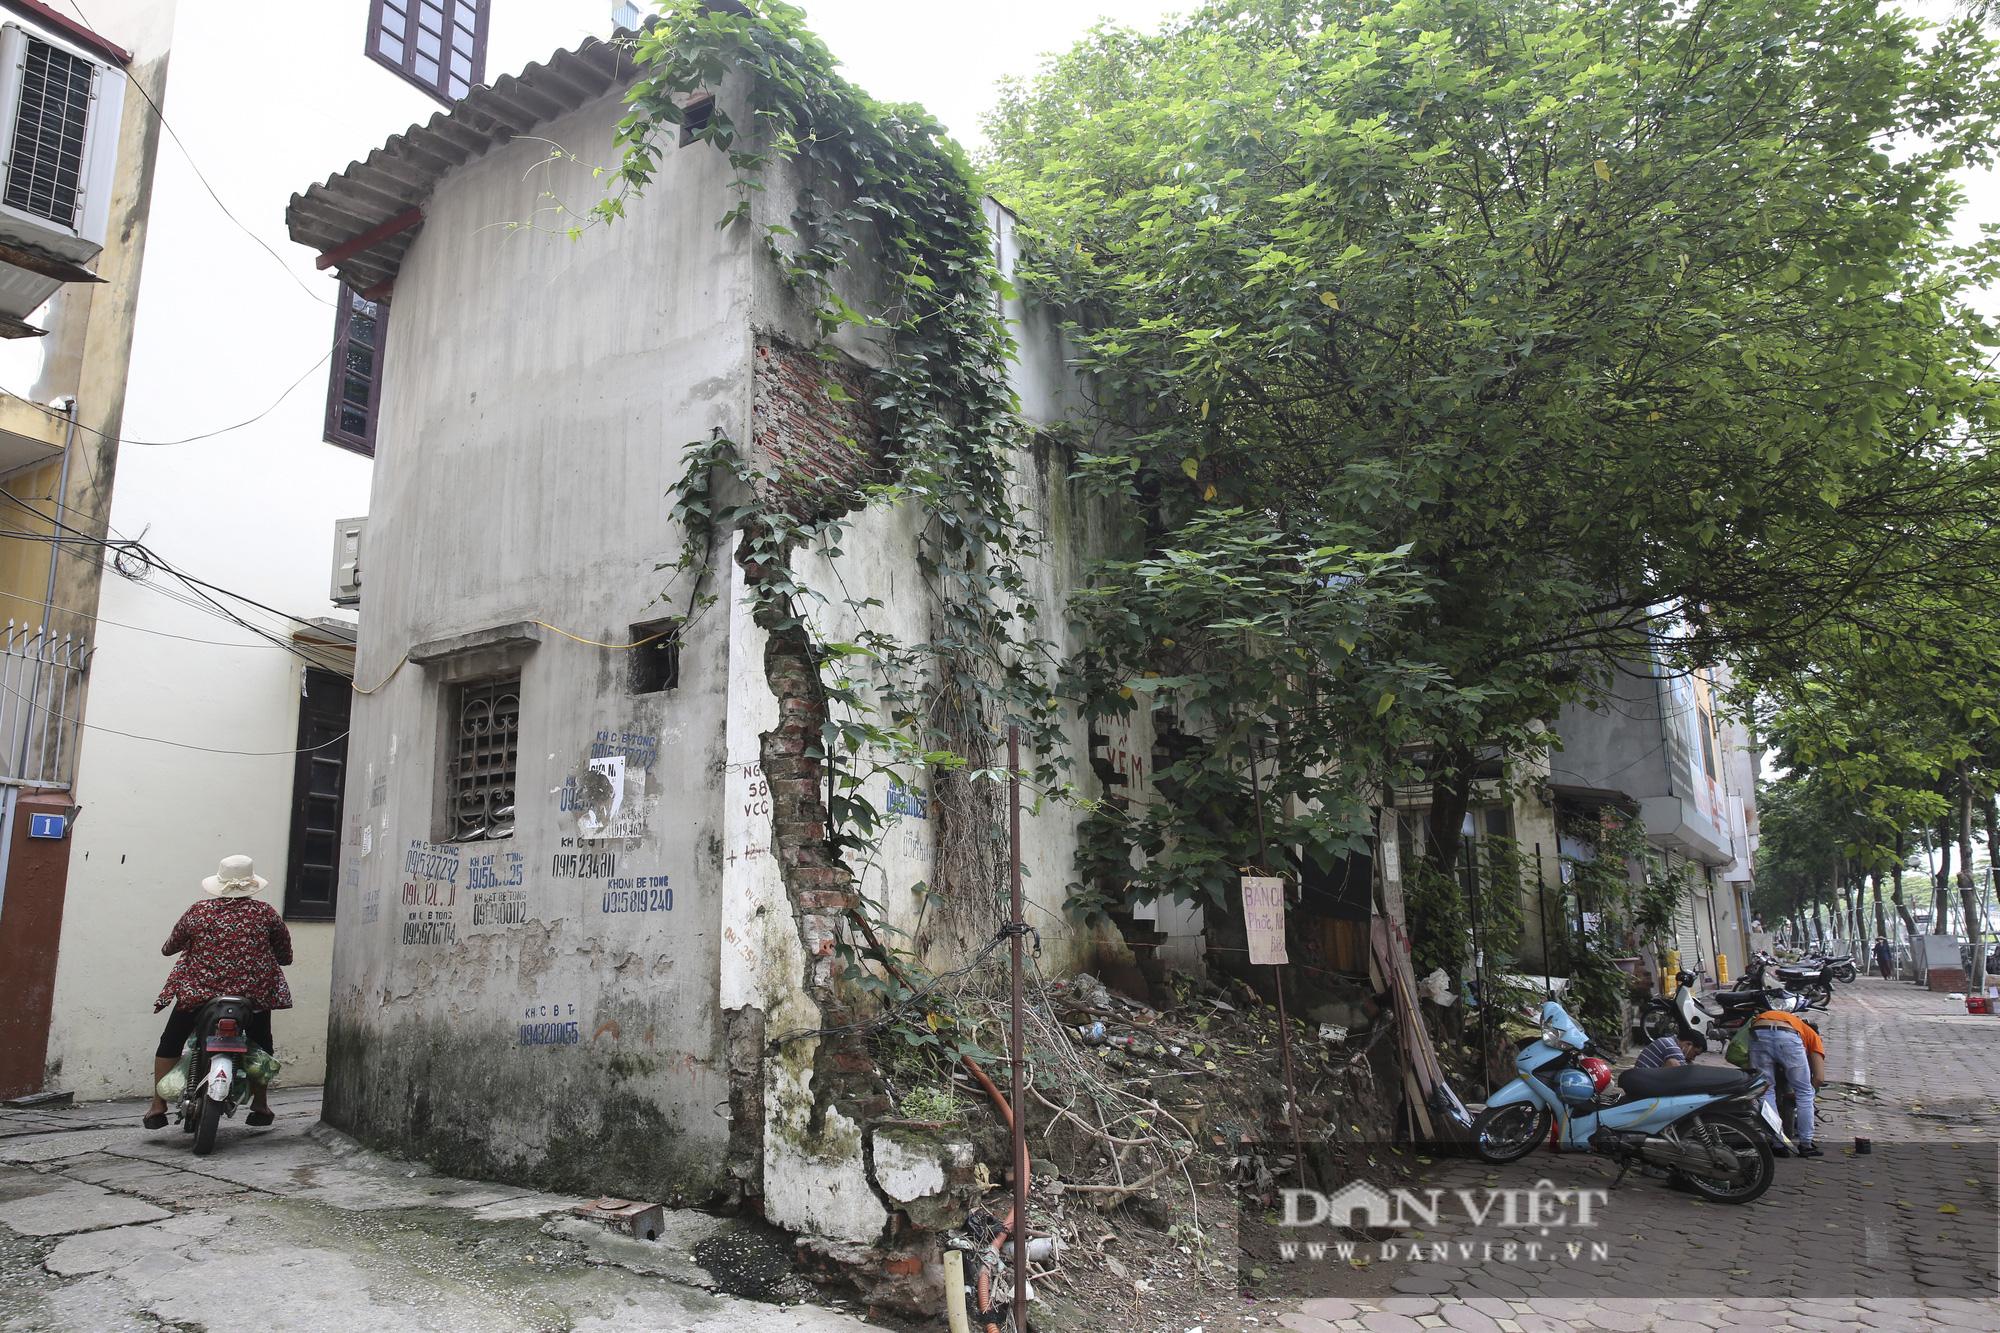 """Cận cảnh những ngôi nhà mặt phố hình thù """"kỳ dị"""" tại Hà Nội - Ảnh 5."""